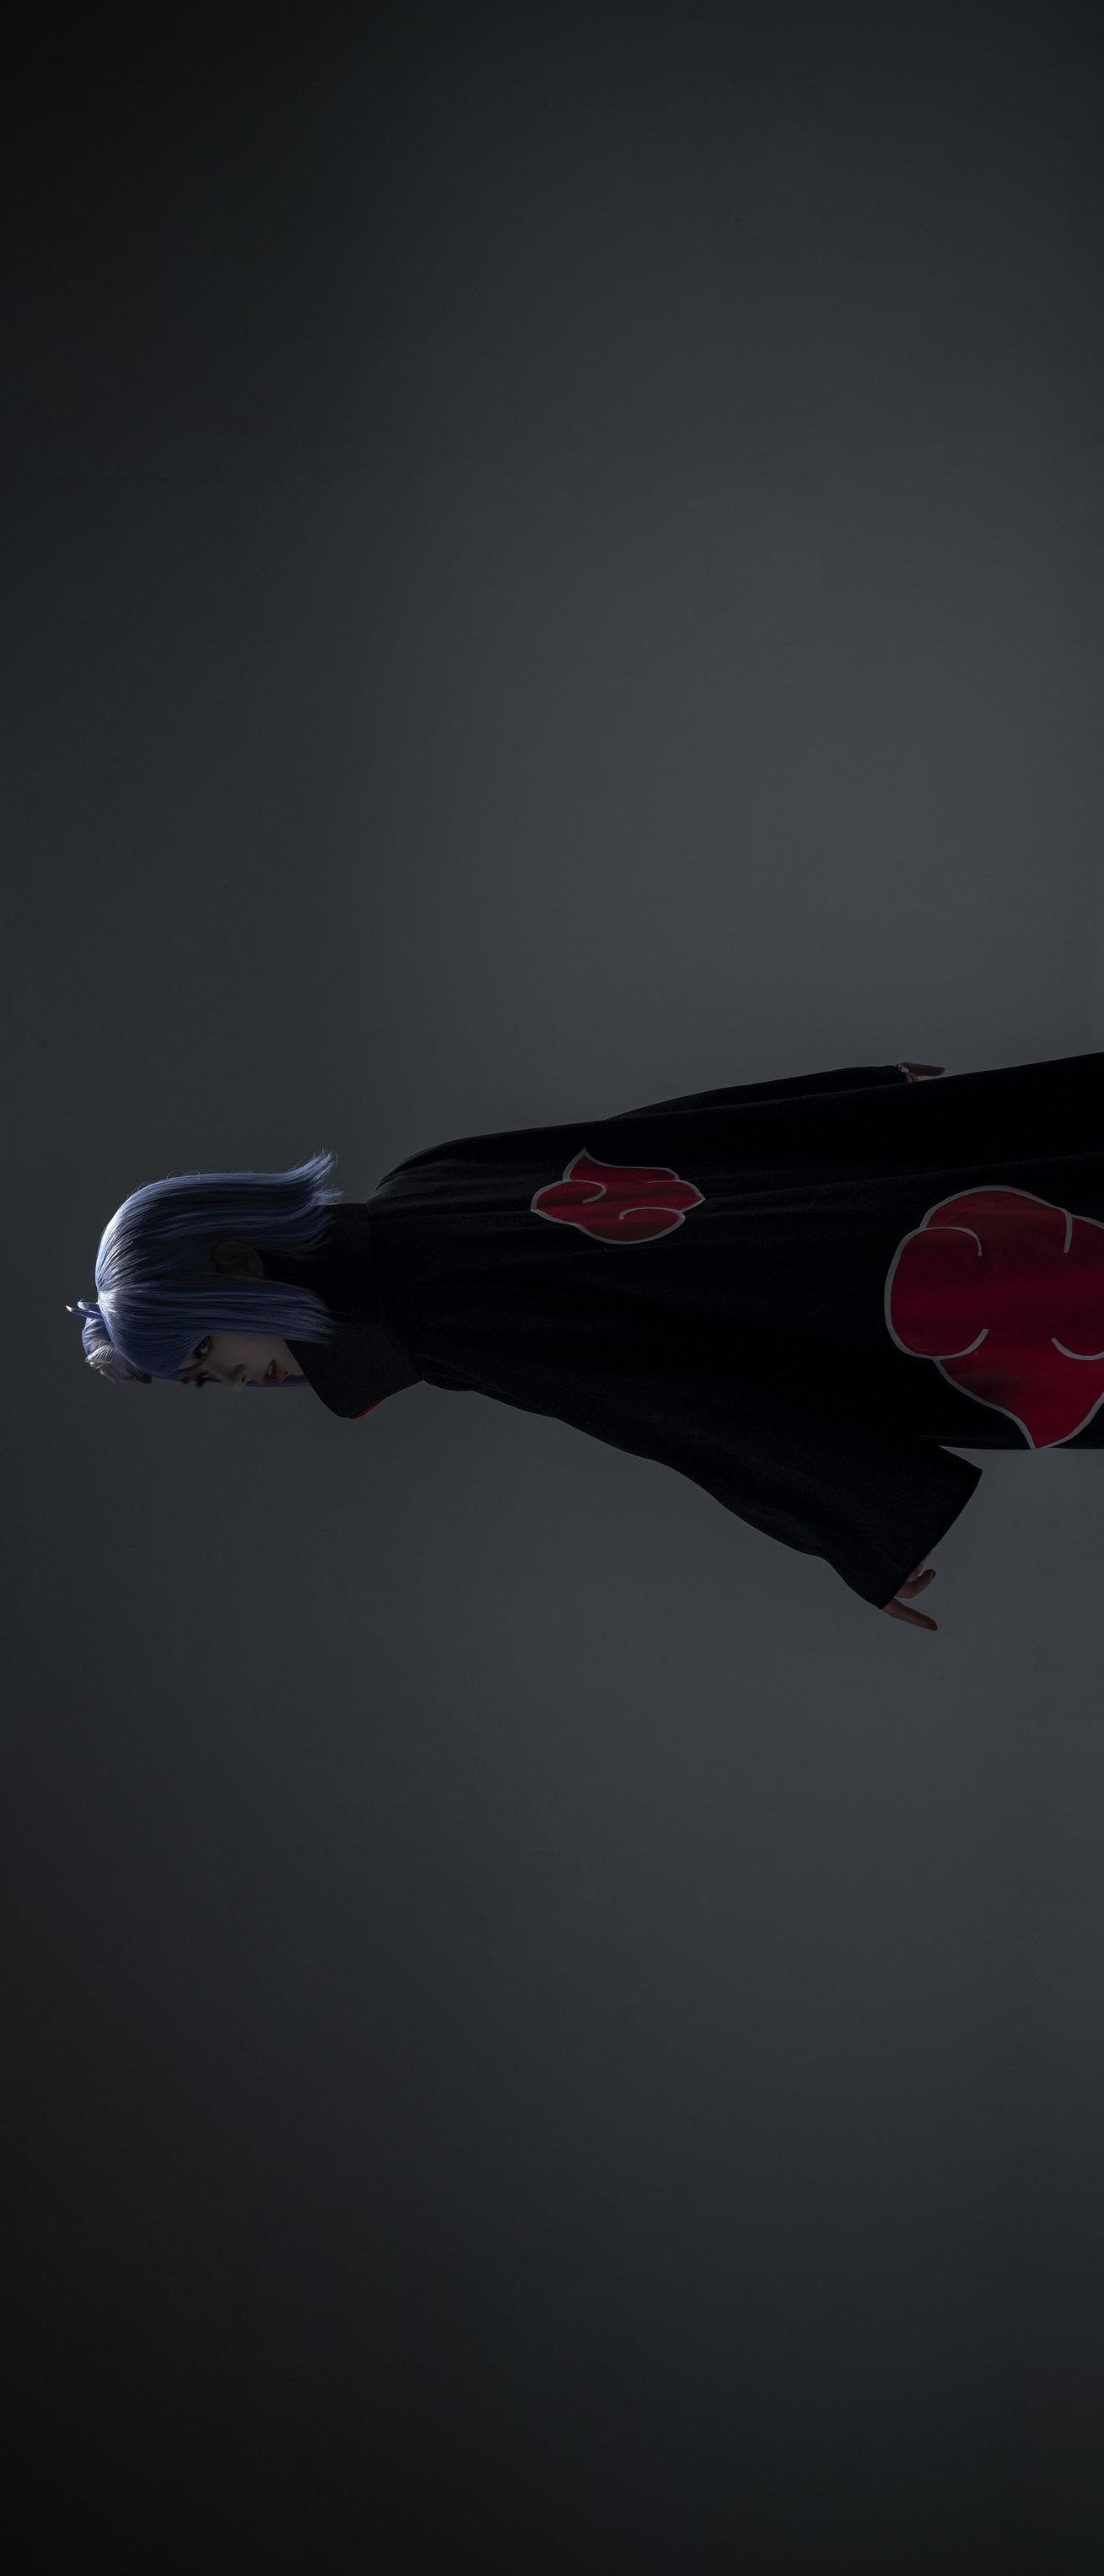 《火影忍者》正片cosplay【CN:令和废物飘大炮】-第3张